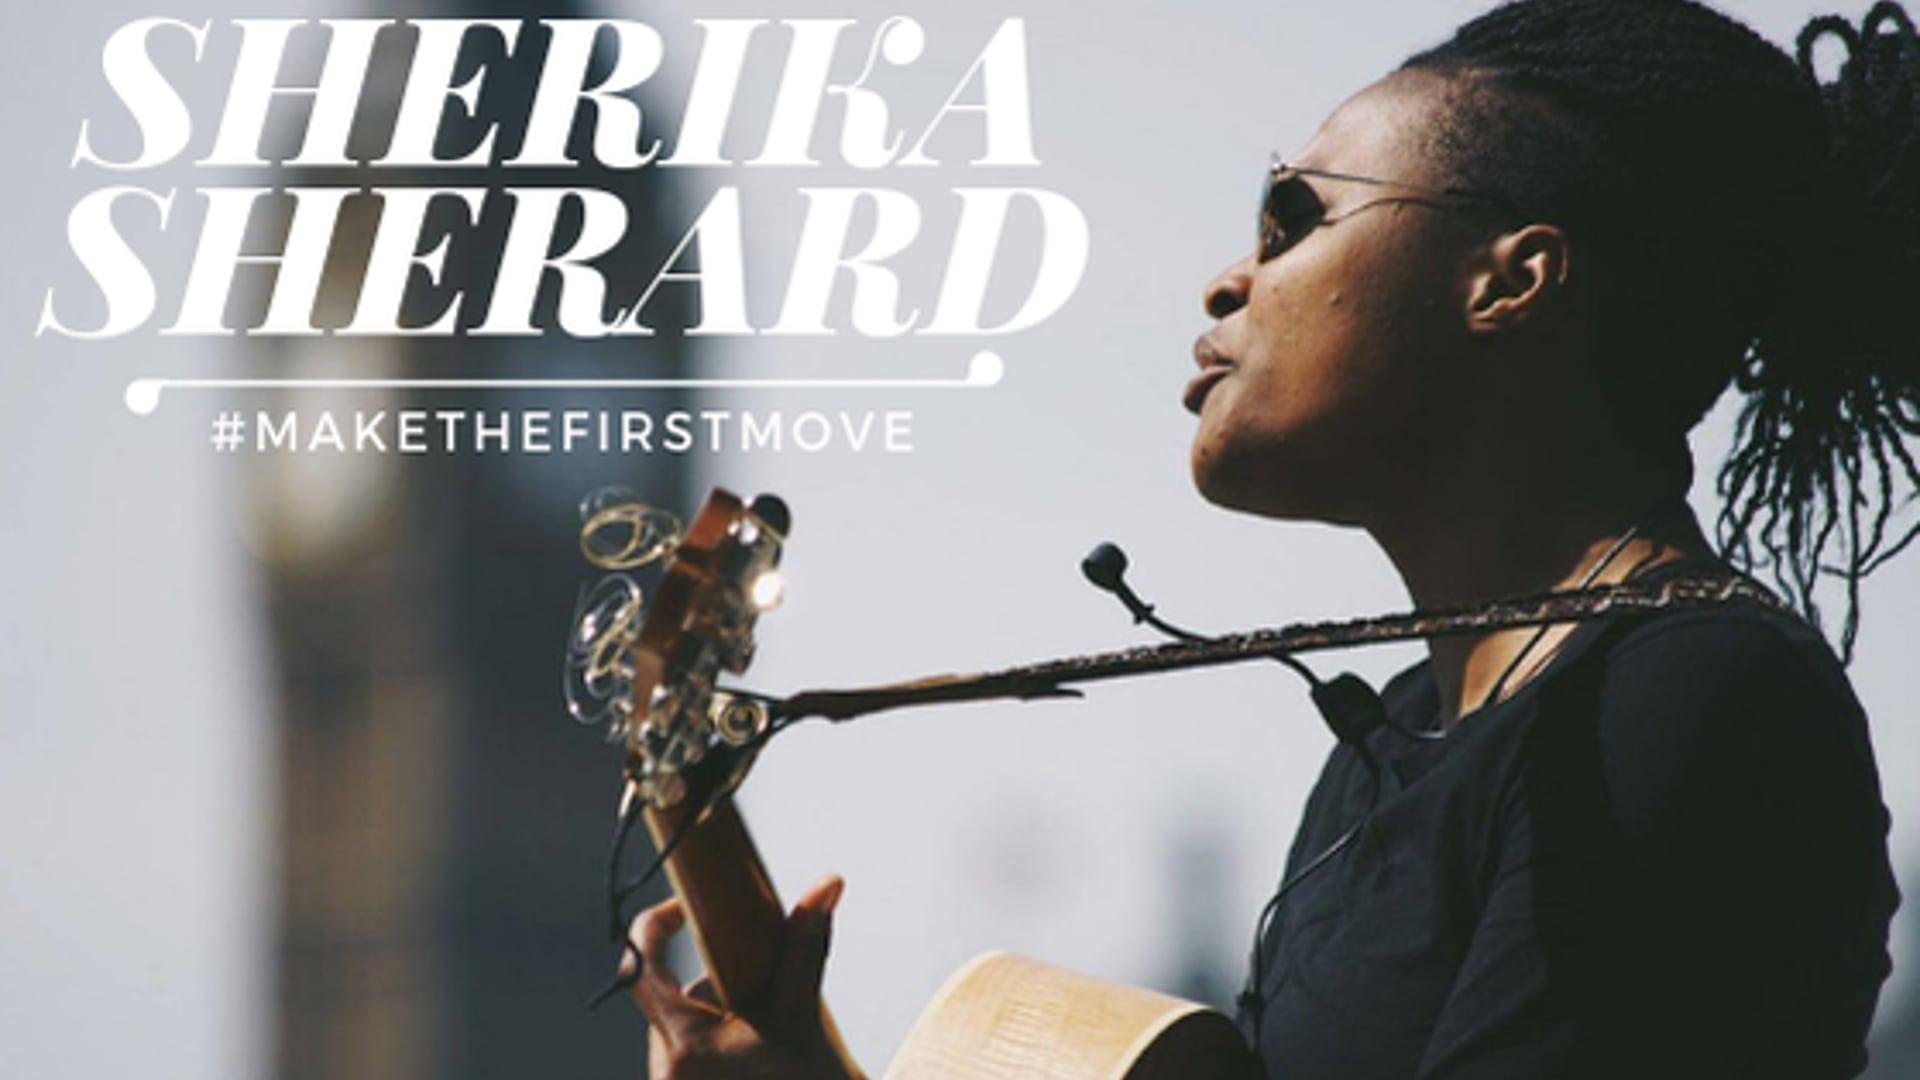 Sherika Sherard #MakeTheFirstMove